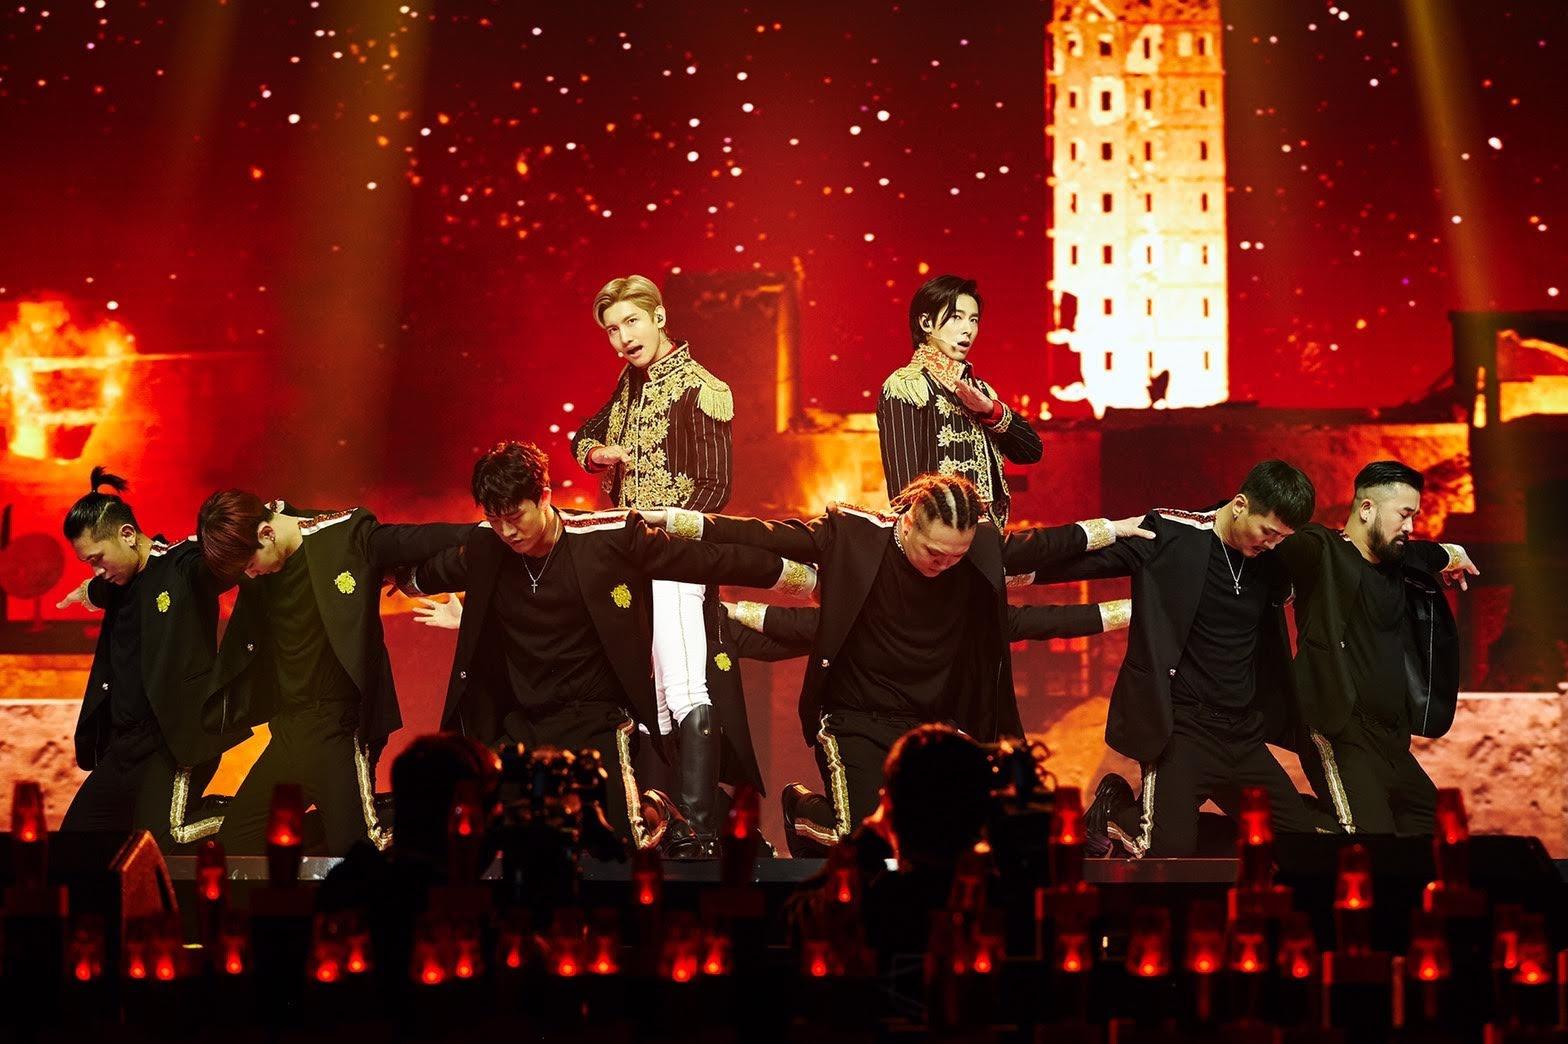 東方神起 史上第一次的線上直播演唱會「Beyond LIVE」帶來震撼的演出!